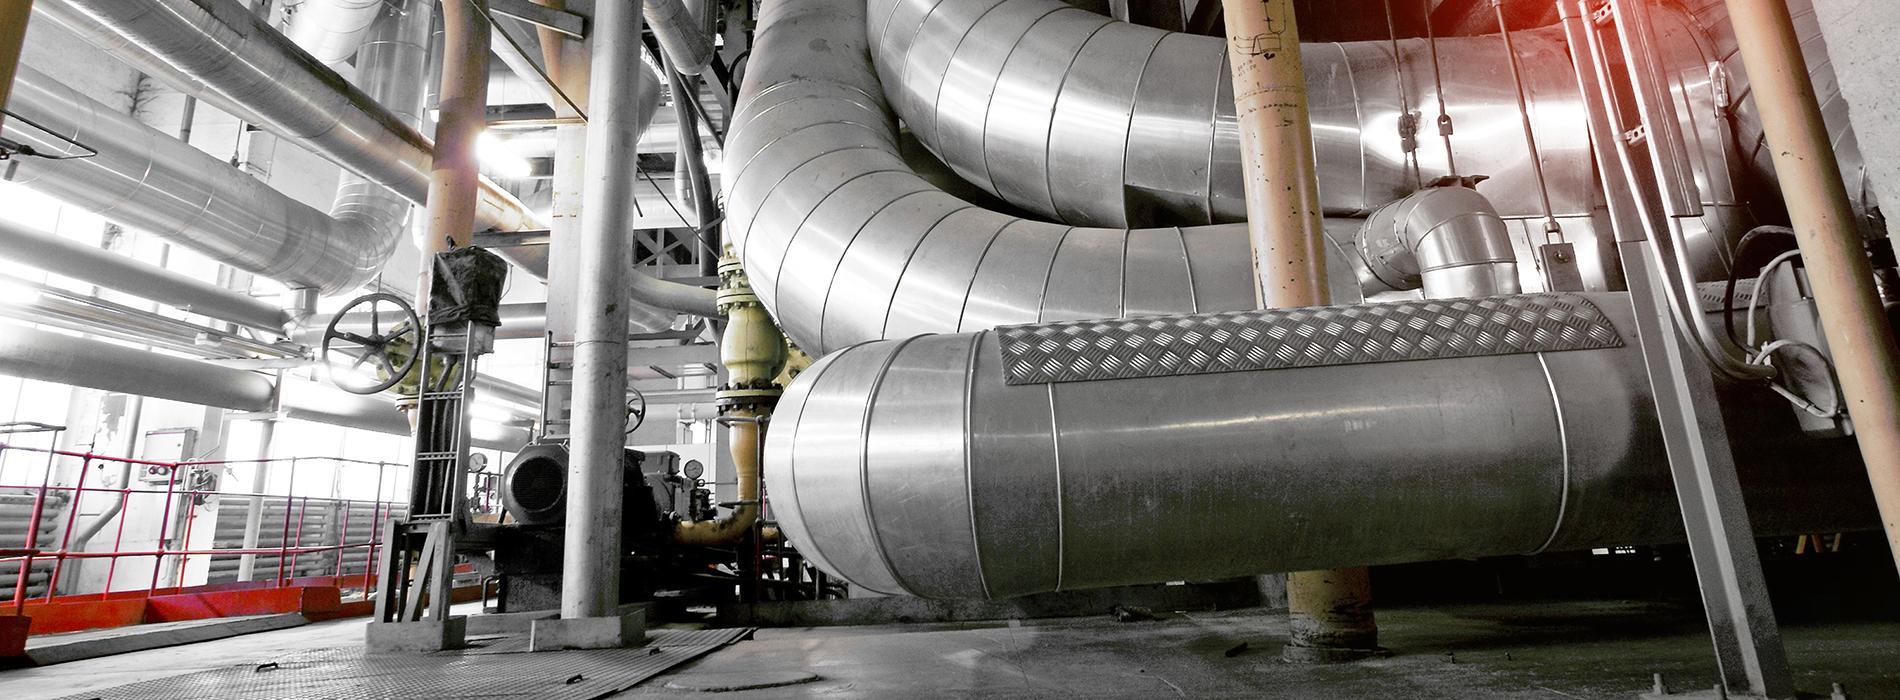 Teollisuuseristäjämme toteuttavat erilaiset teollisuuden eristystyöt kuten putkisto-, säiliö